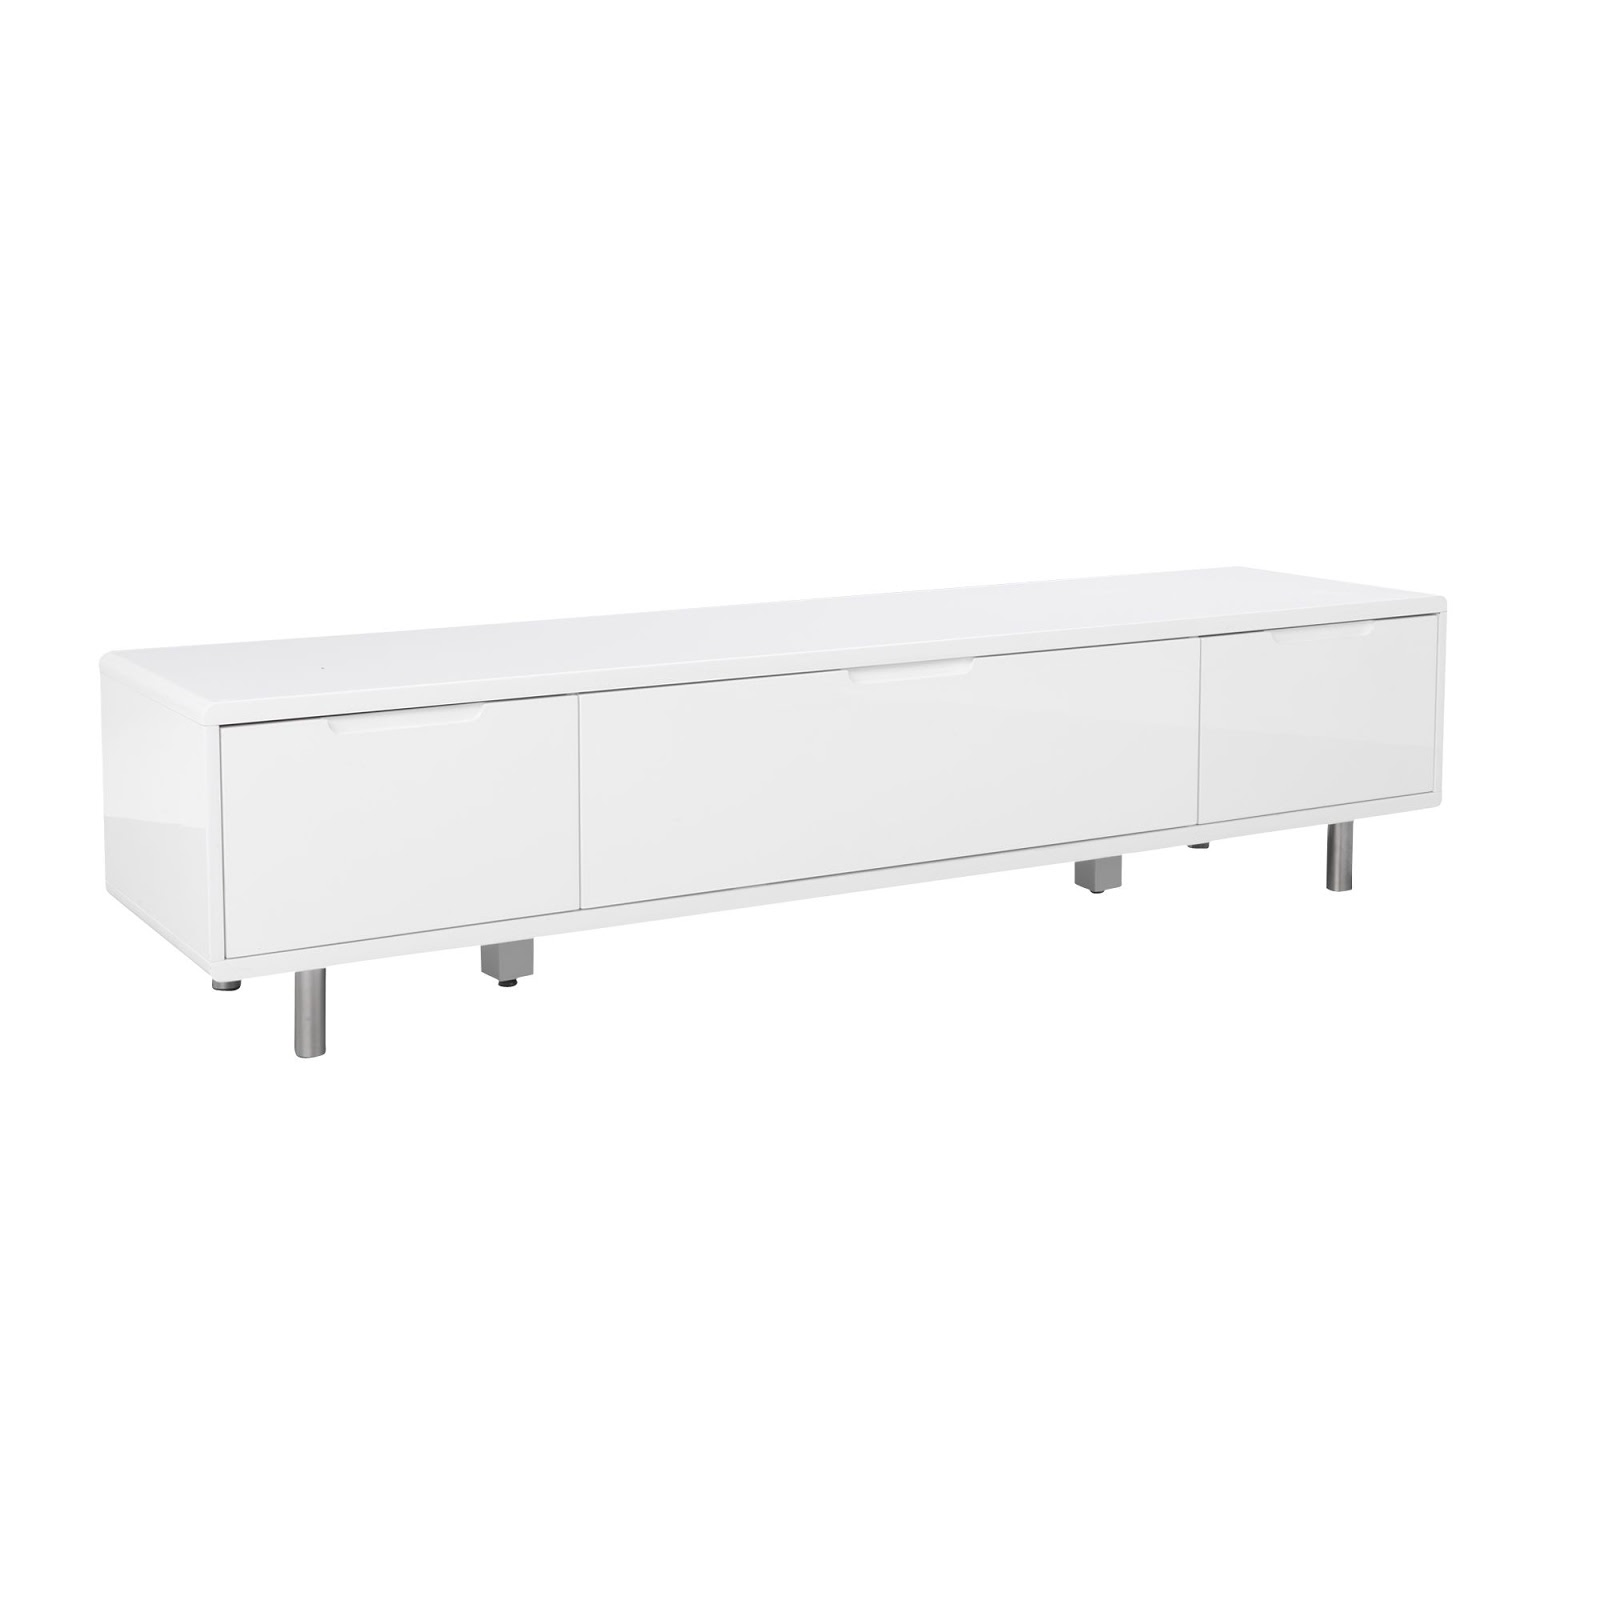 meuble tv alinea kubico sammlung von design zeichnungen als inspirierendes design. Black Bedroom Furniture Sets. Home Design Ideas